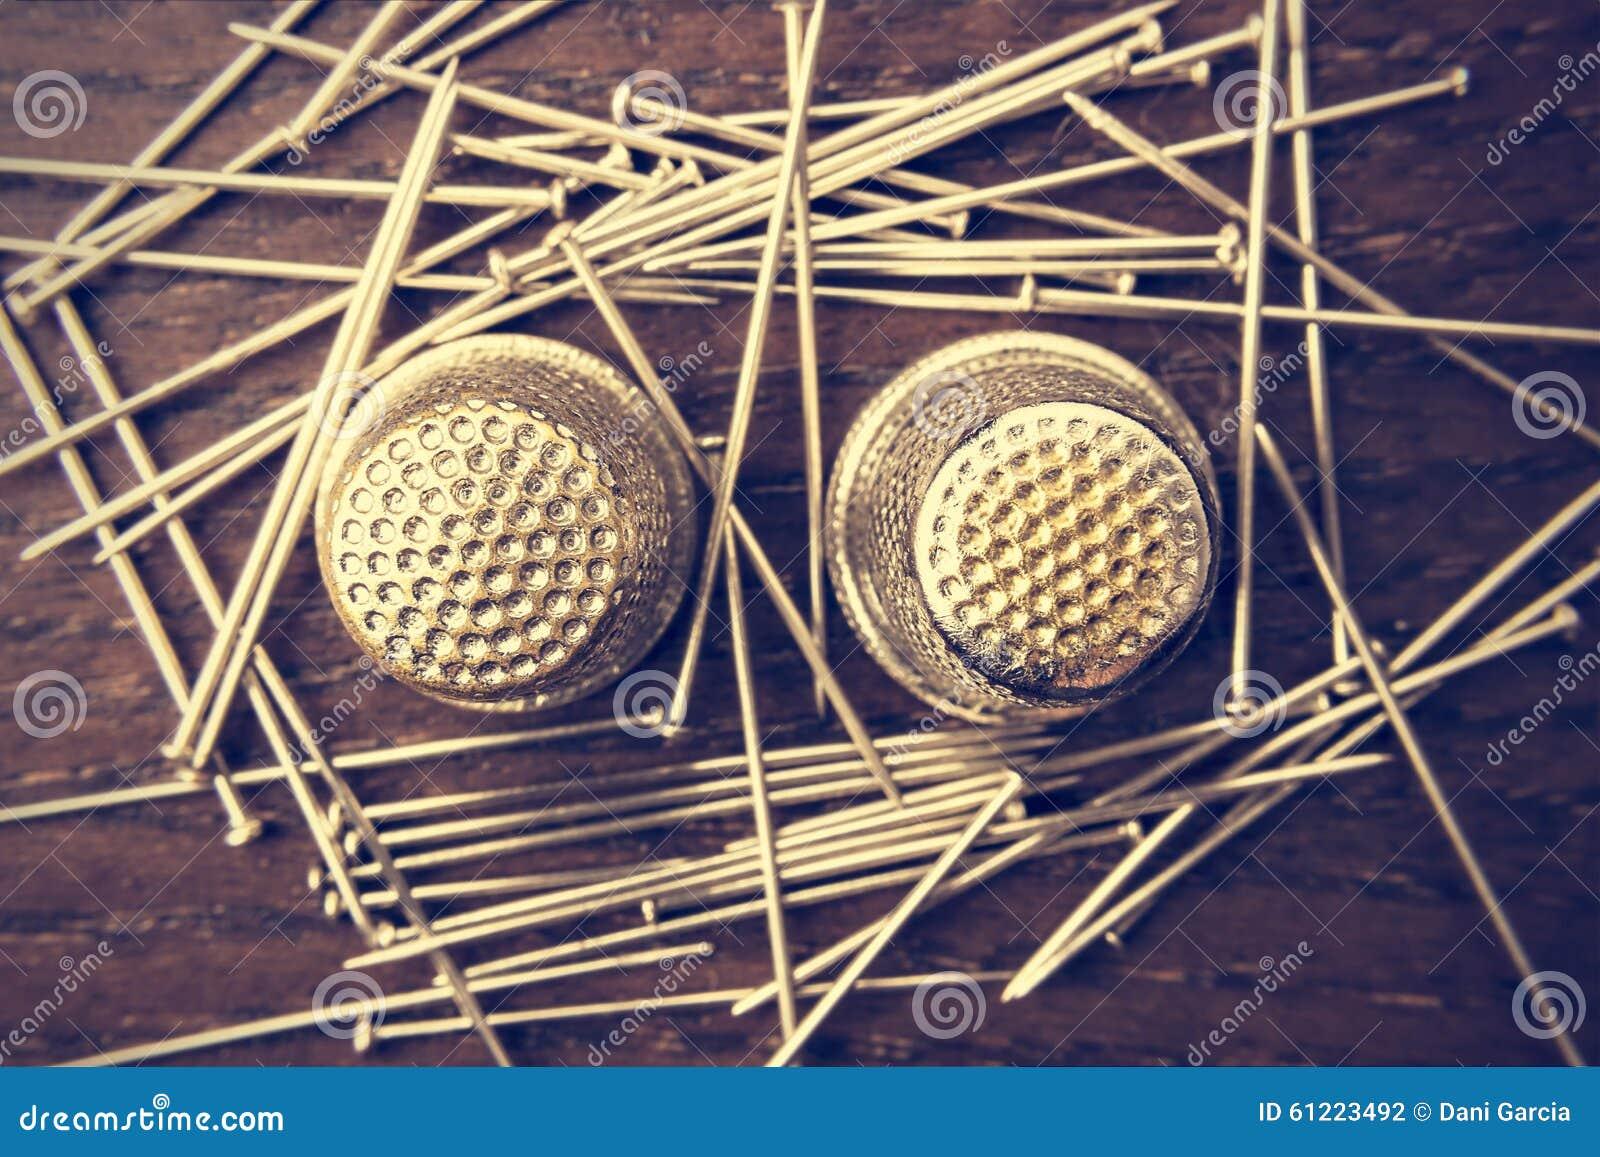 Pins and thimbles